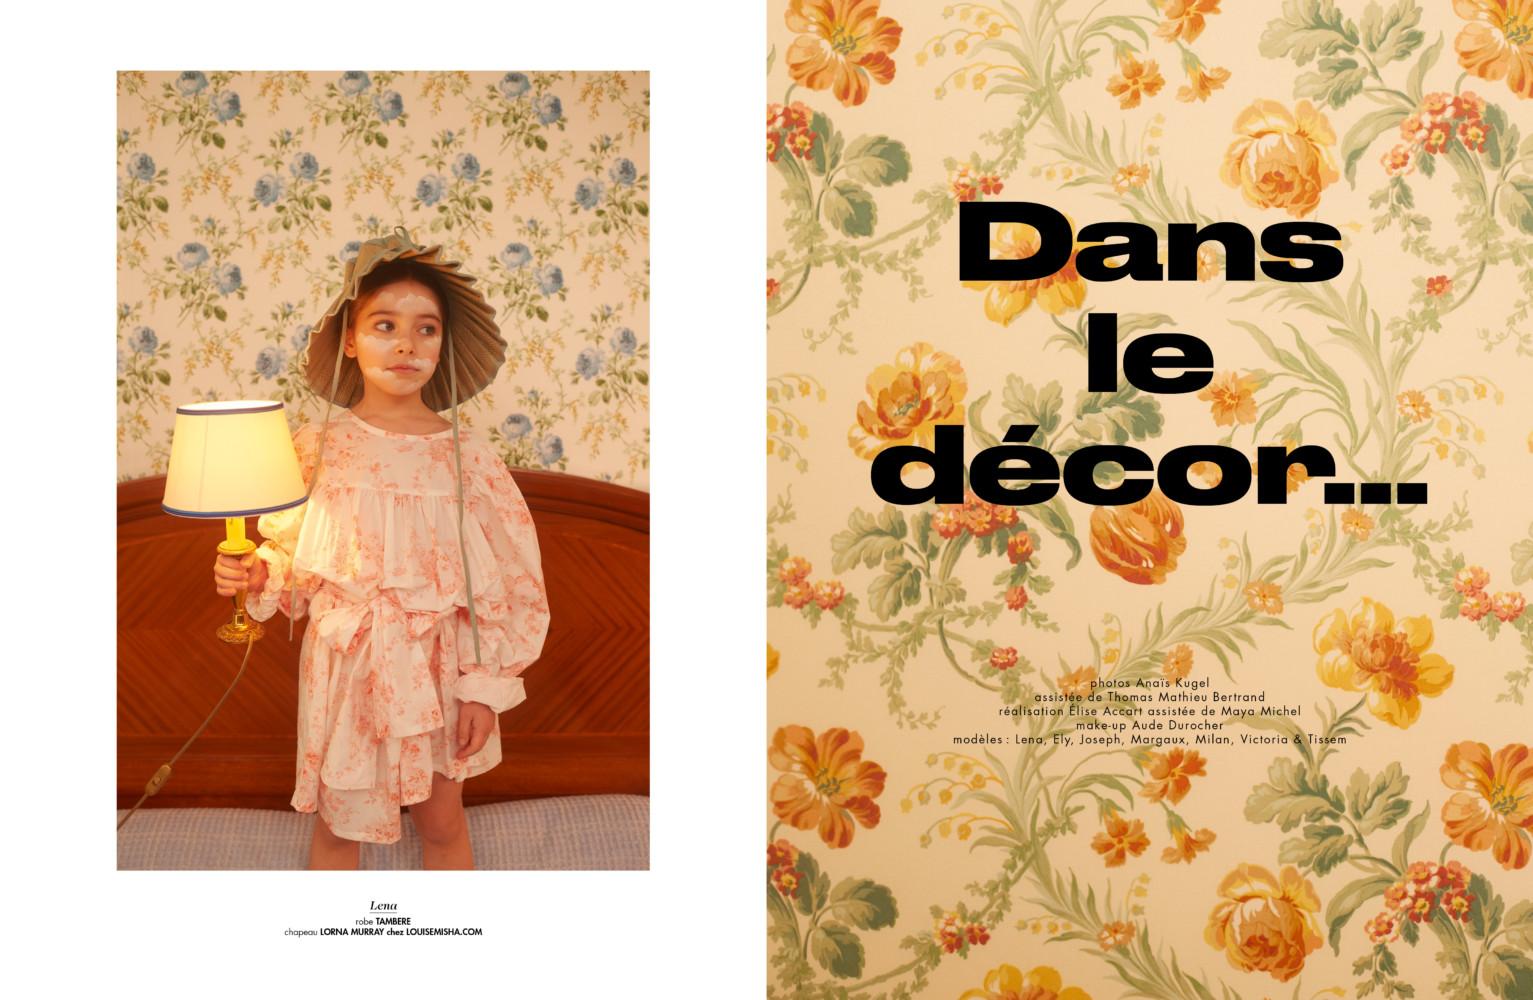 Anaïs Kugel <br>Doolittle